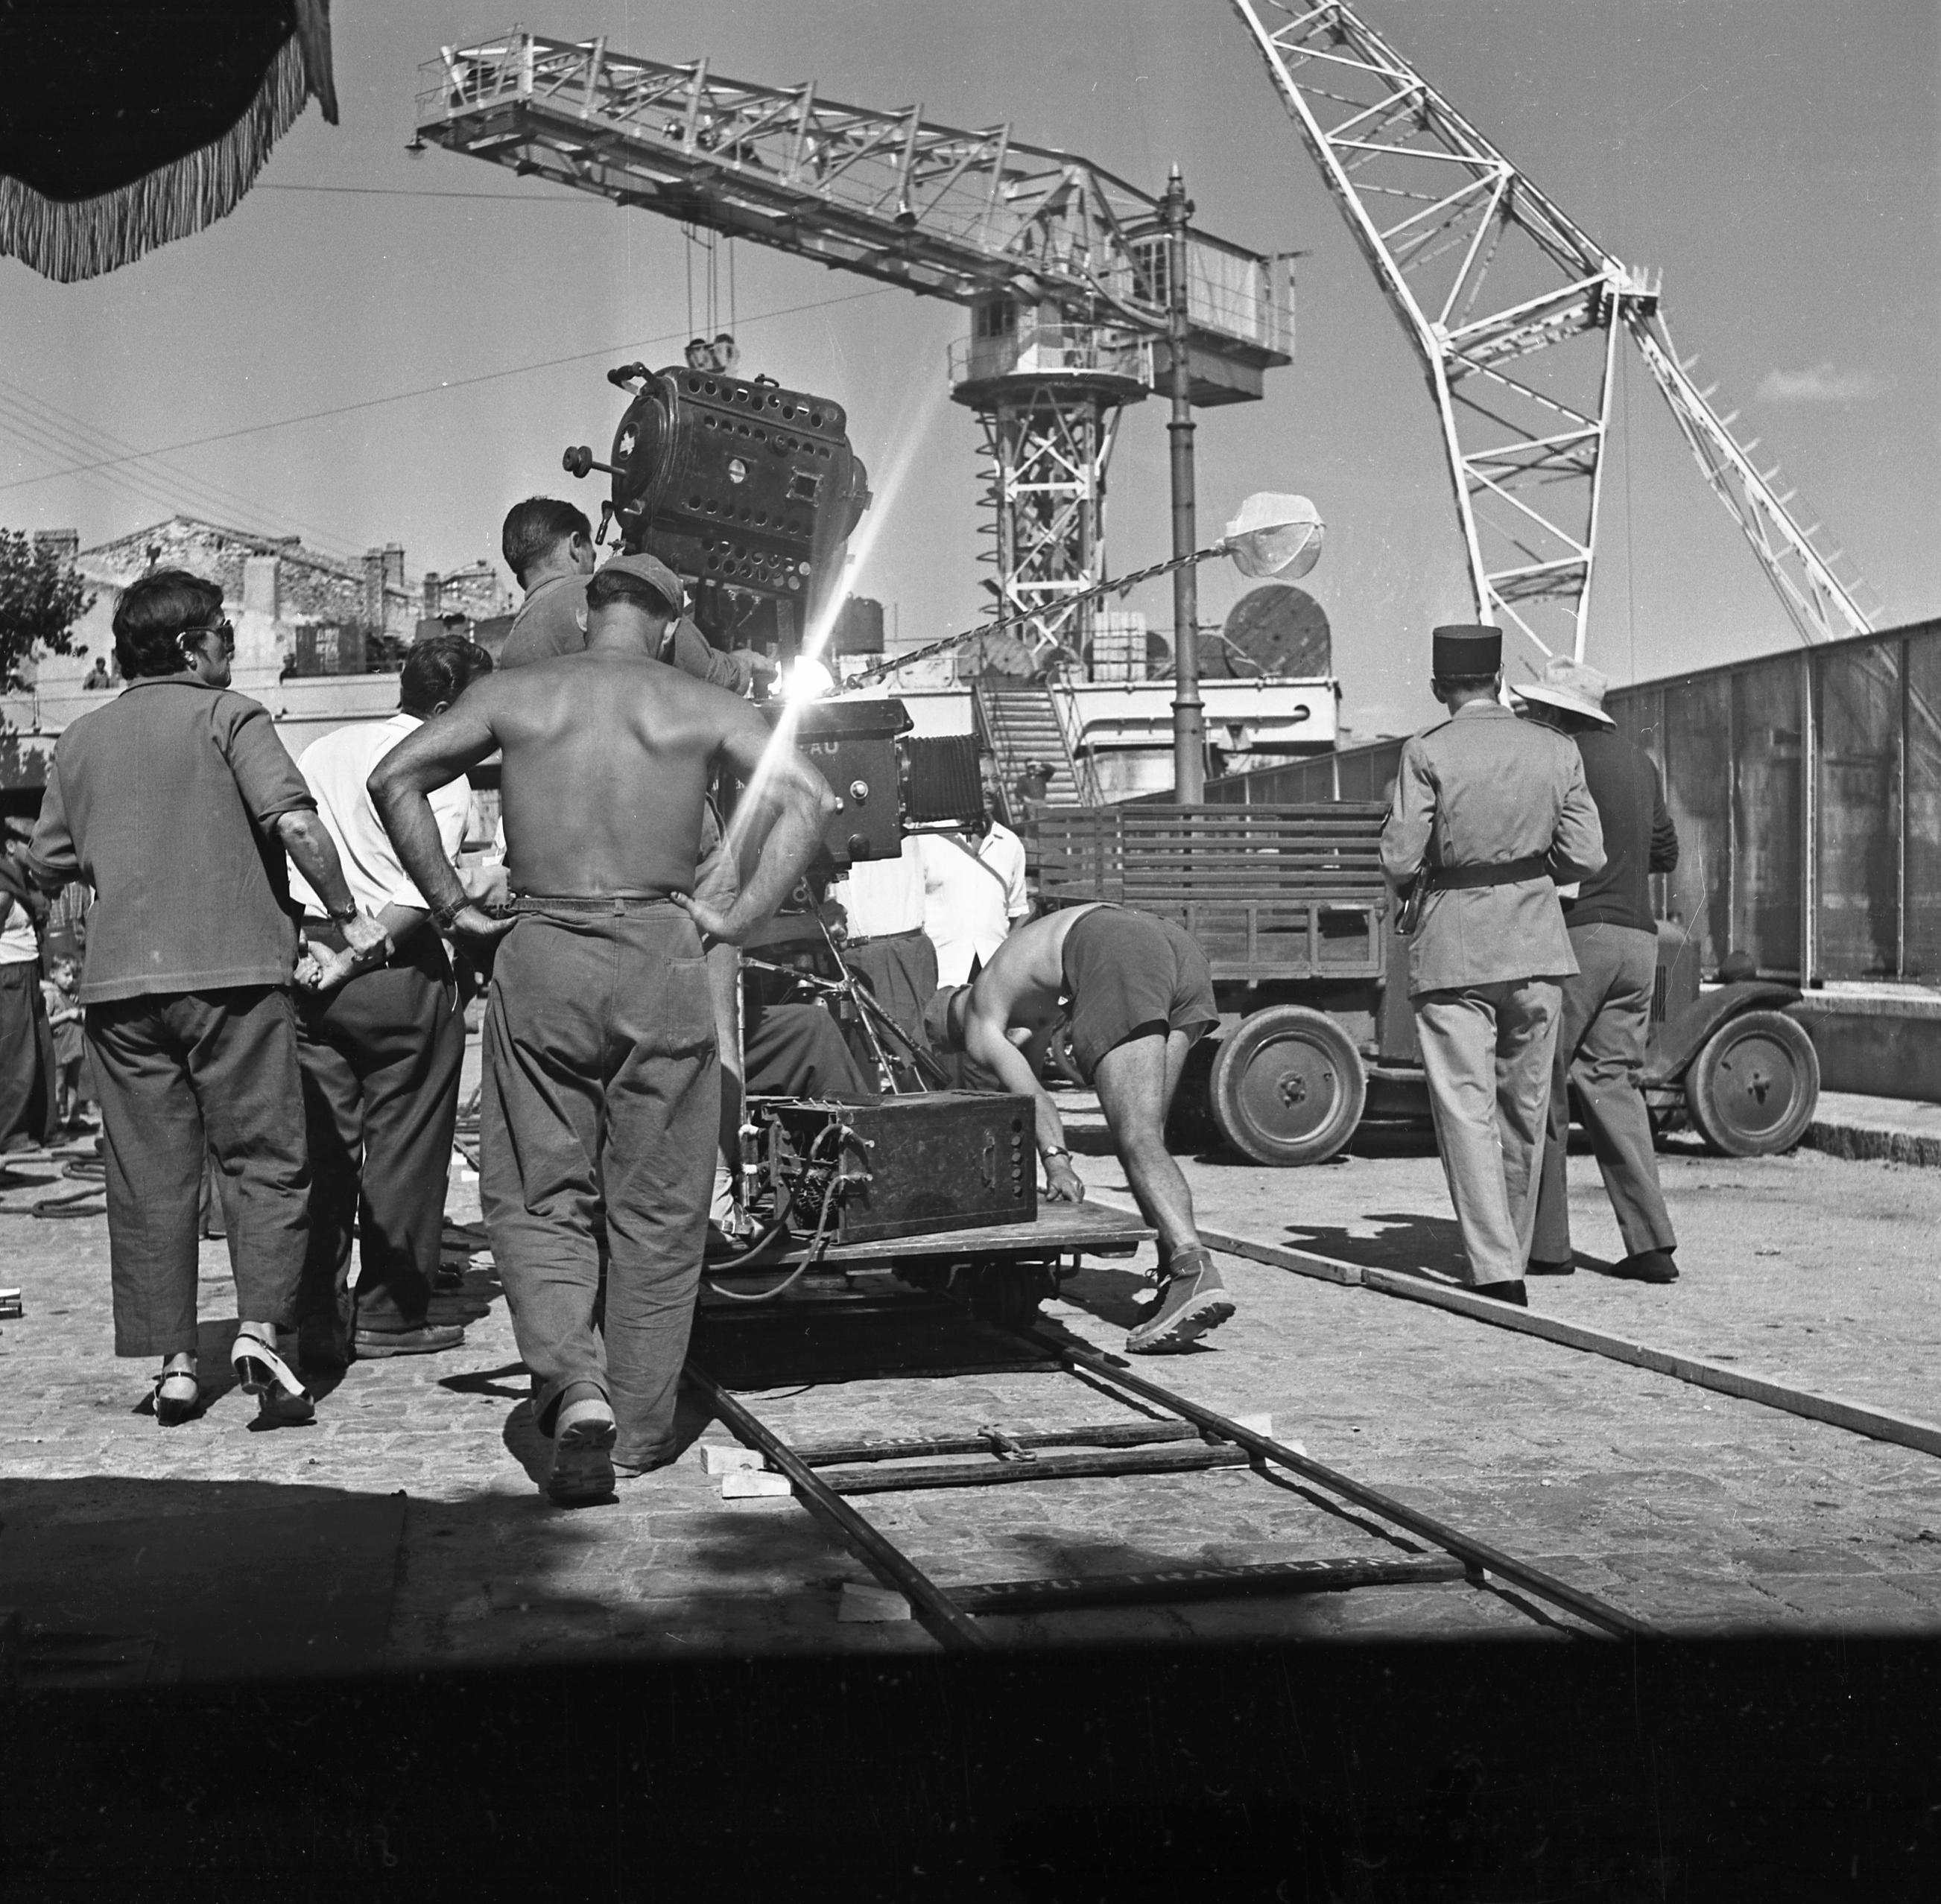 27 Fi 3321 Cameramen en pleine action pour une prise de vue du film à l'Escalet. 25/09/1954